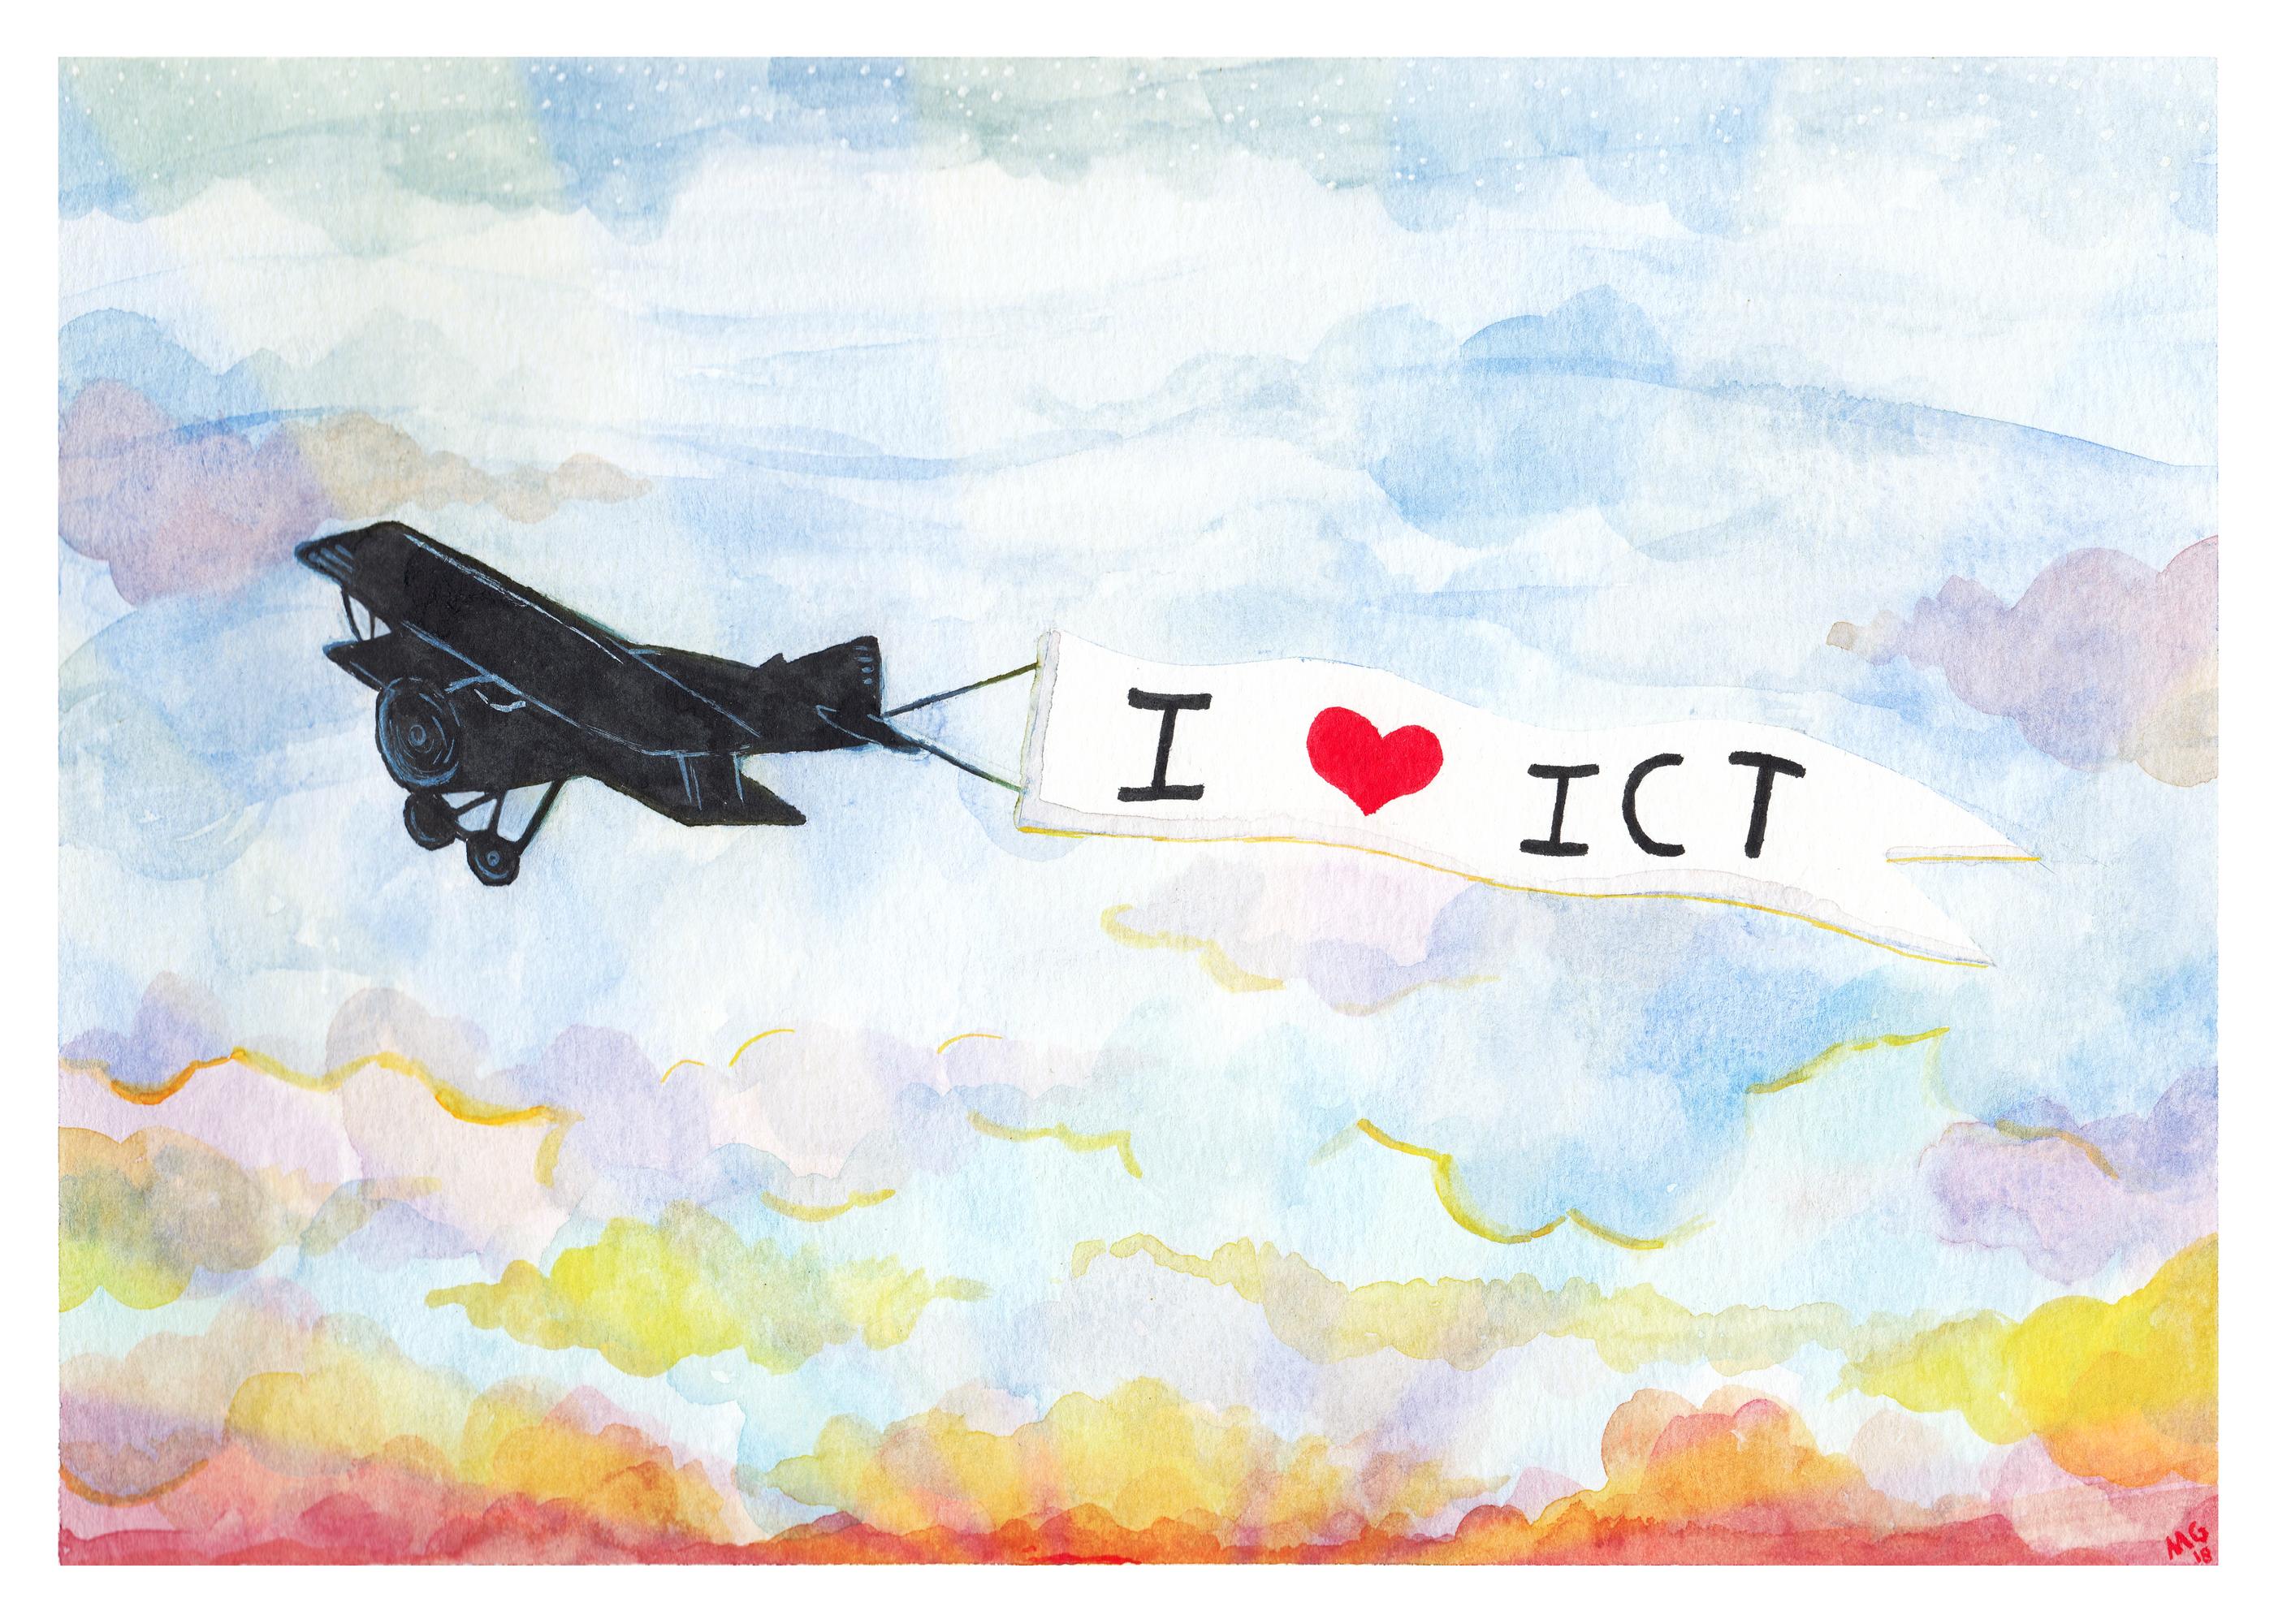 iloveict_5x7_2